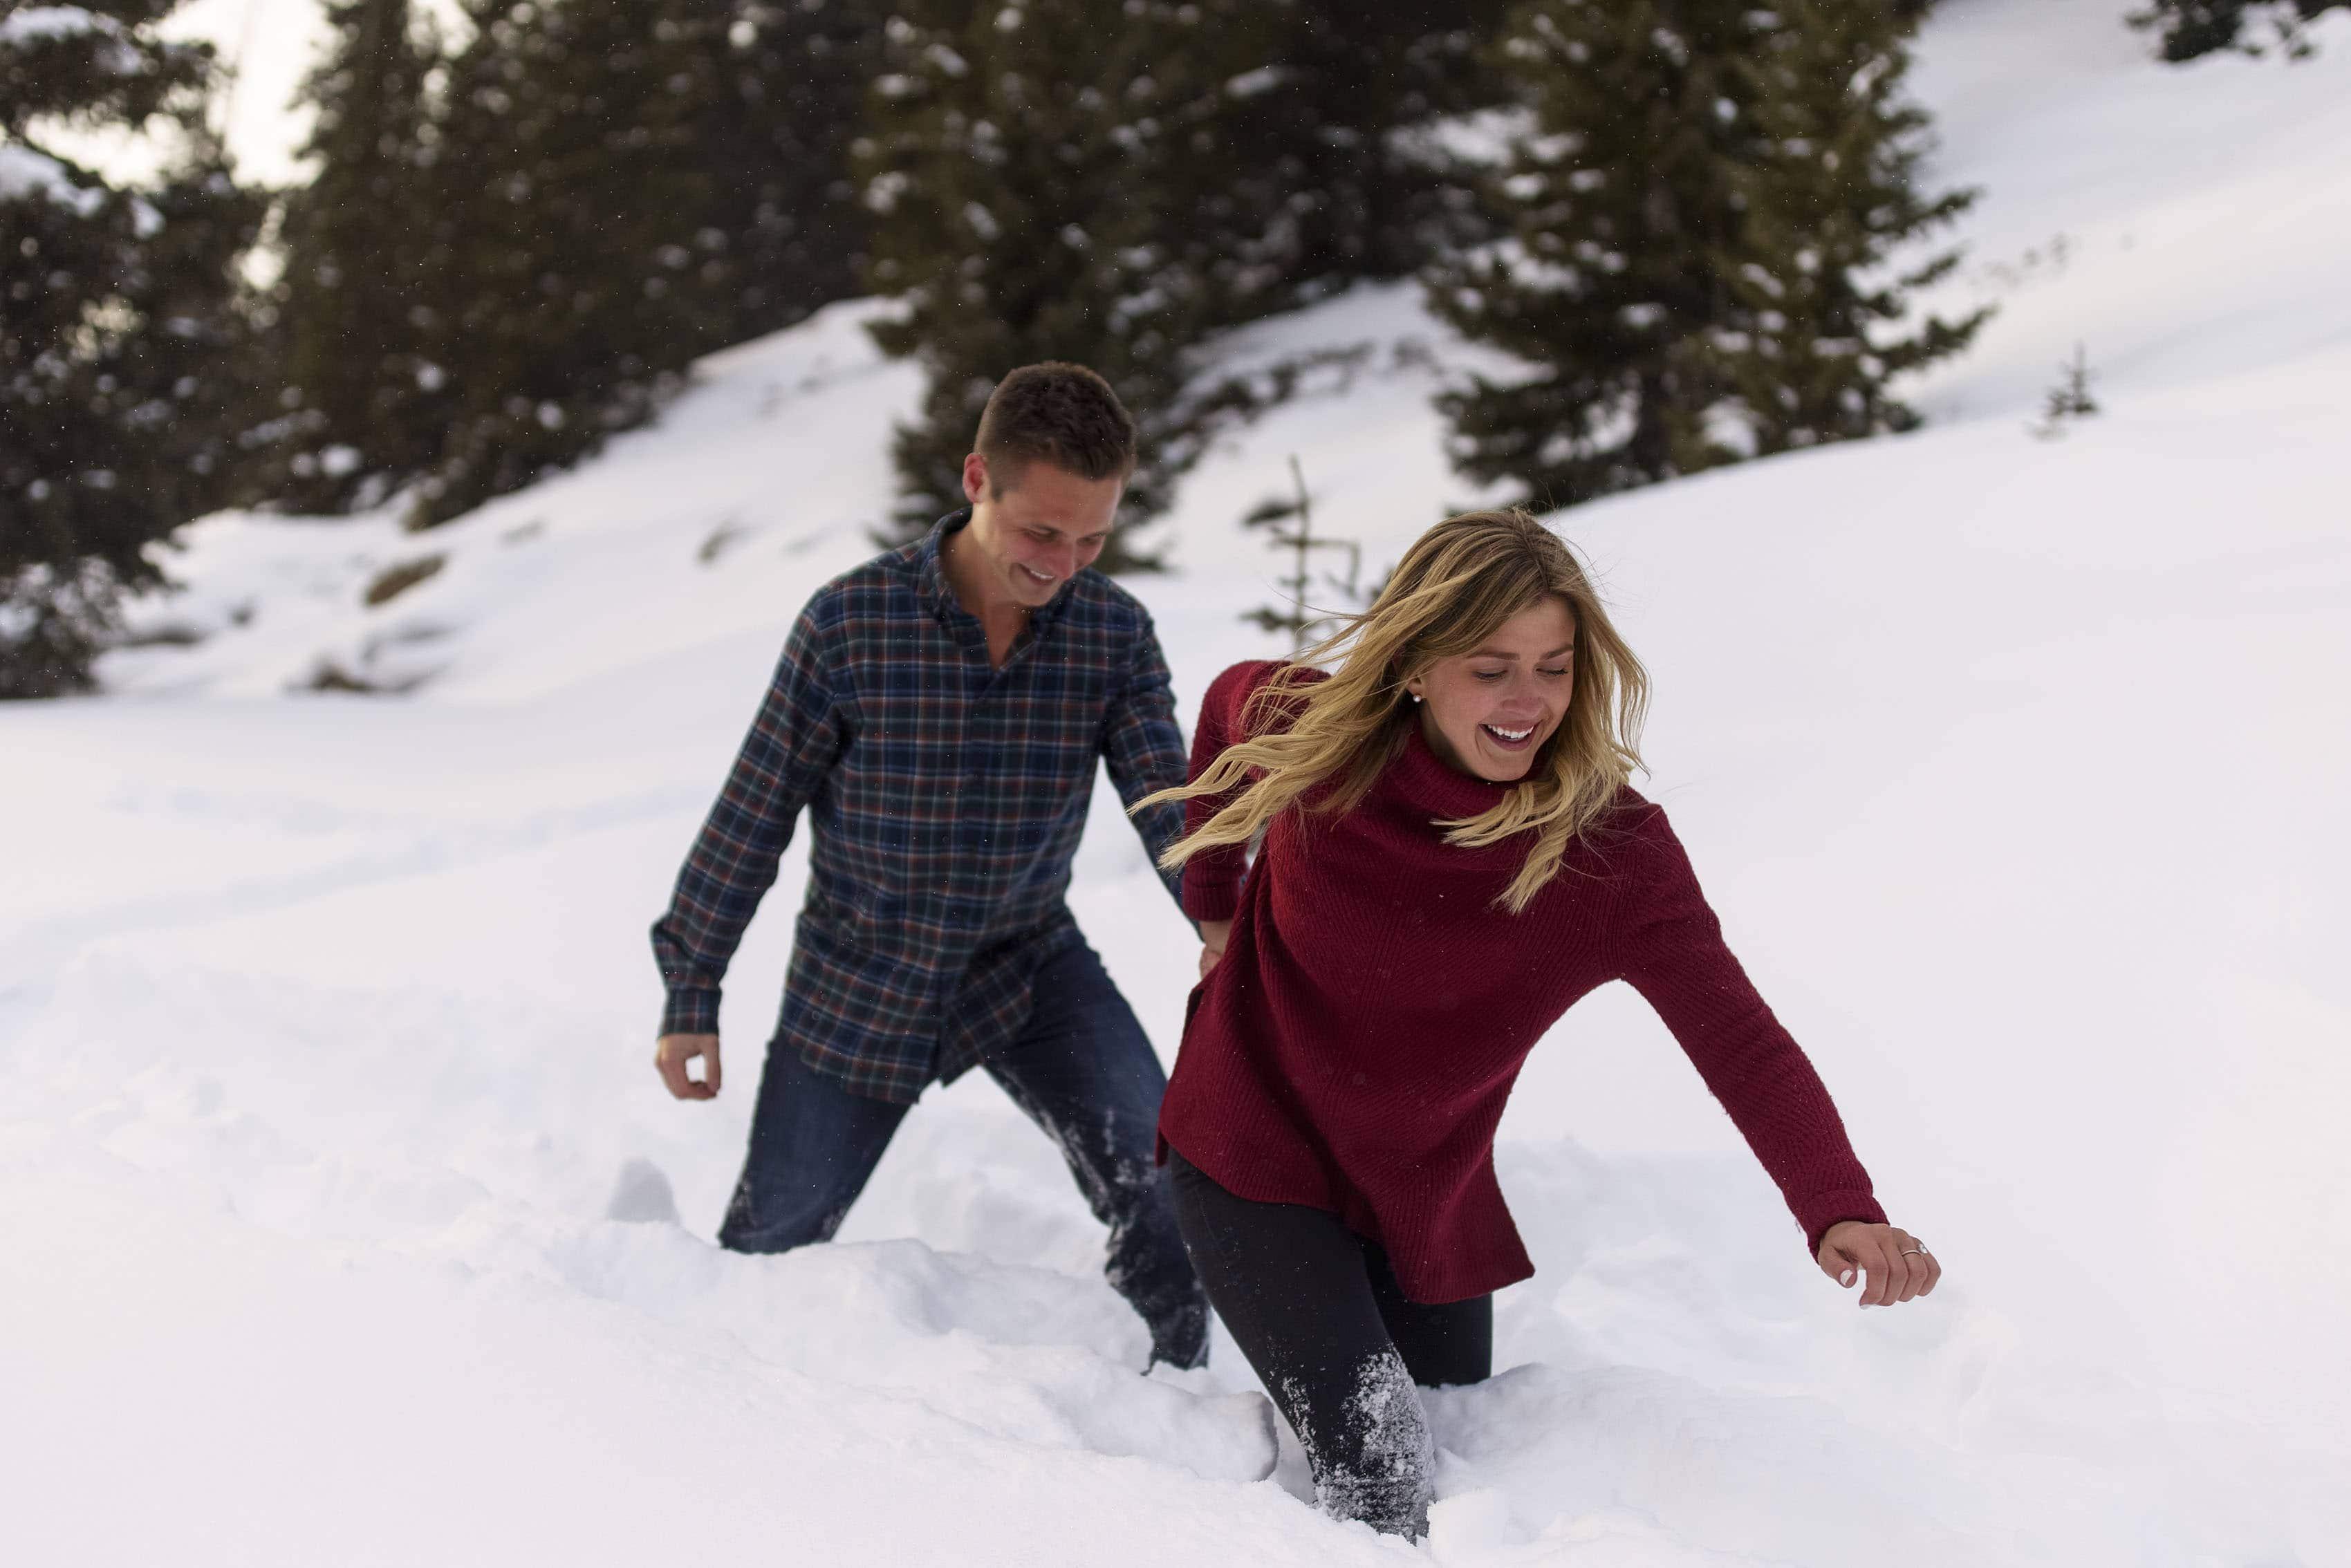 Kayla helps pull Scott through deep snow during their winter engagement photos near Loveland Pass